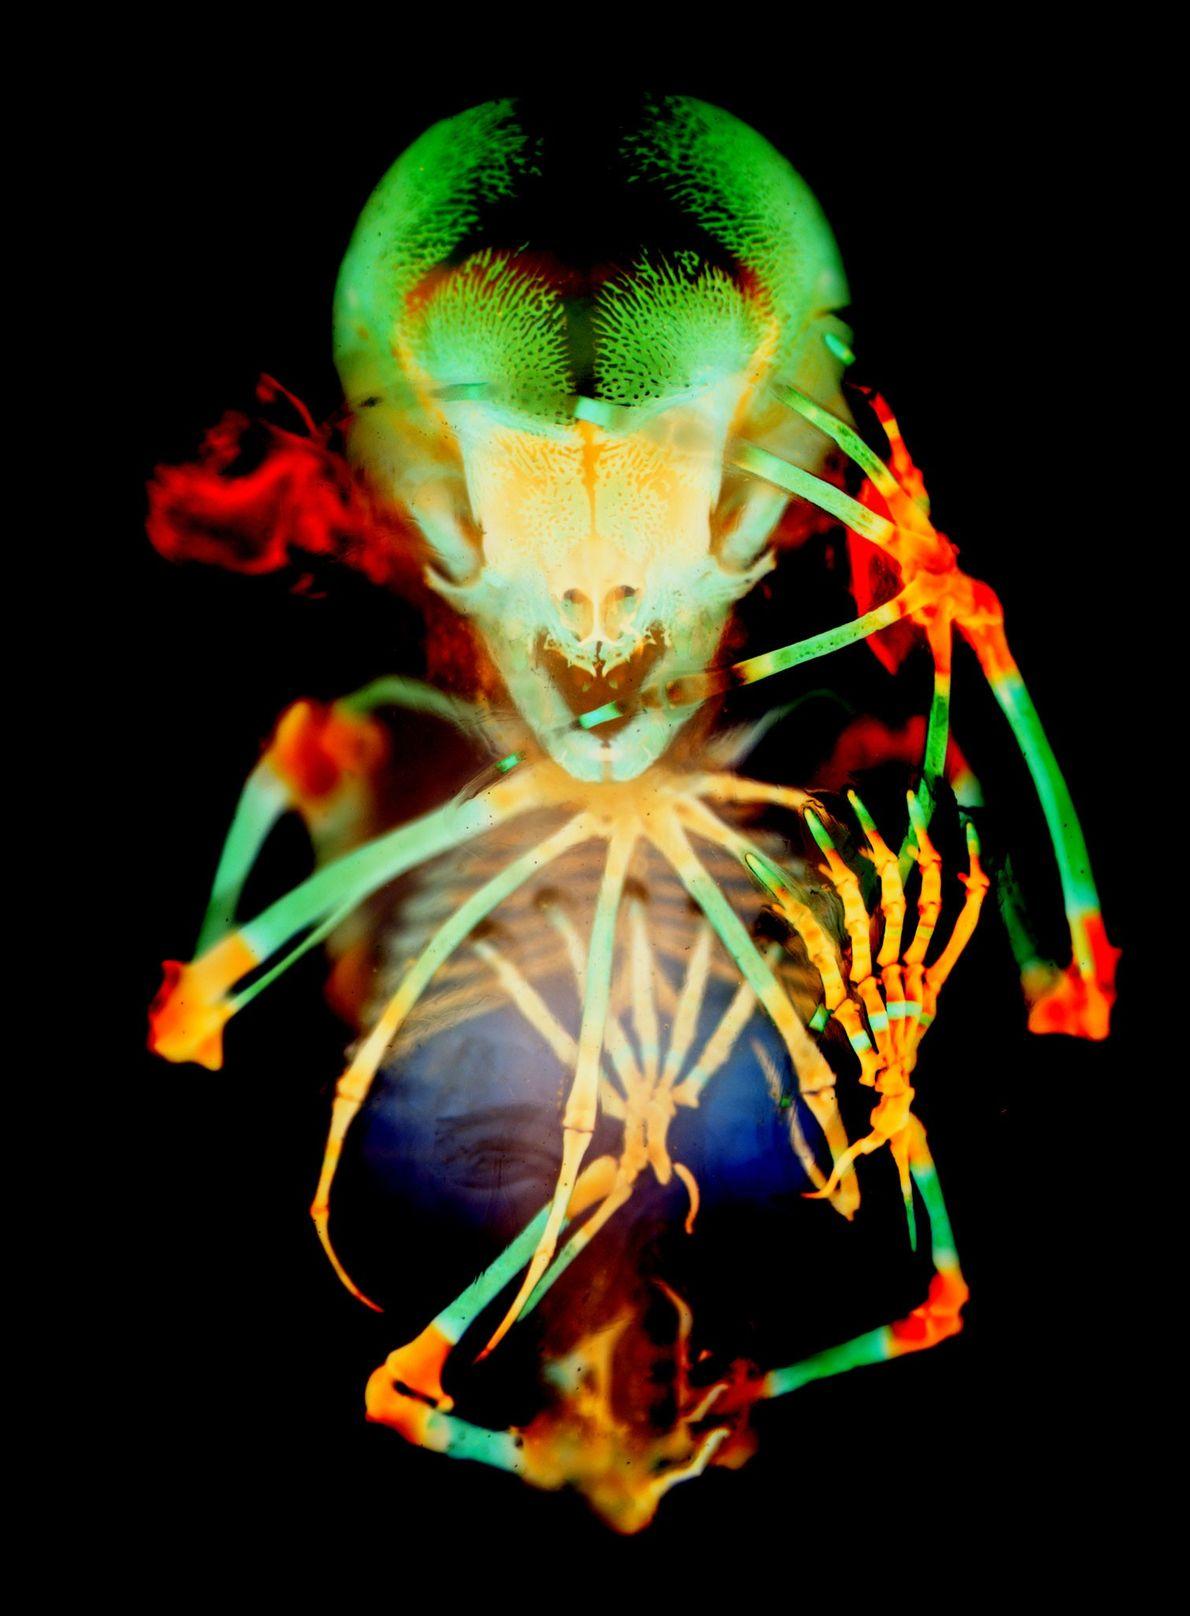 Cette image en technicolor quelque peu macabre du squelette d'un fer-de-lance à lunettes (Carollia perspicillata) est ...